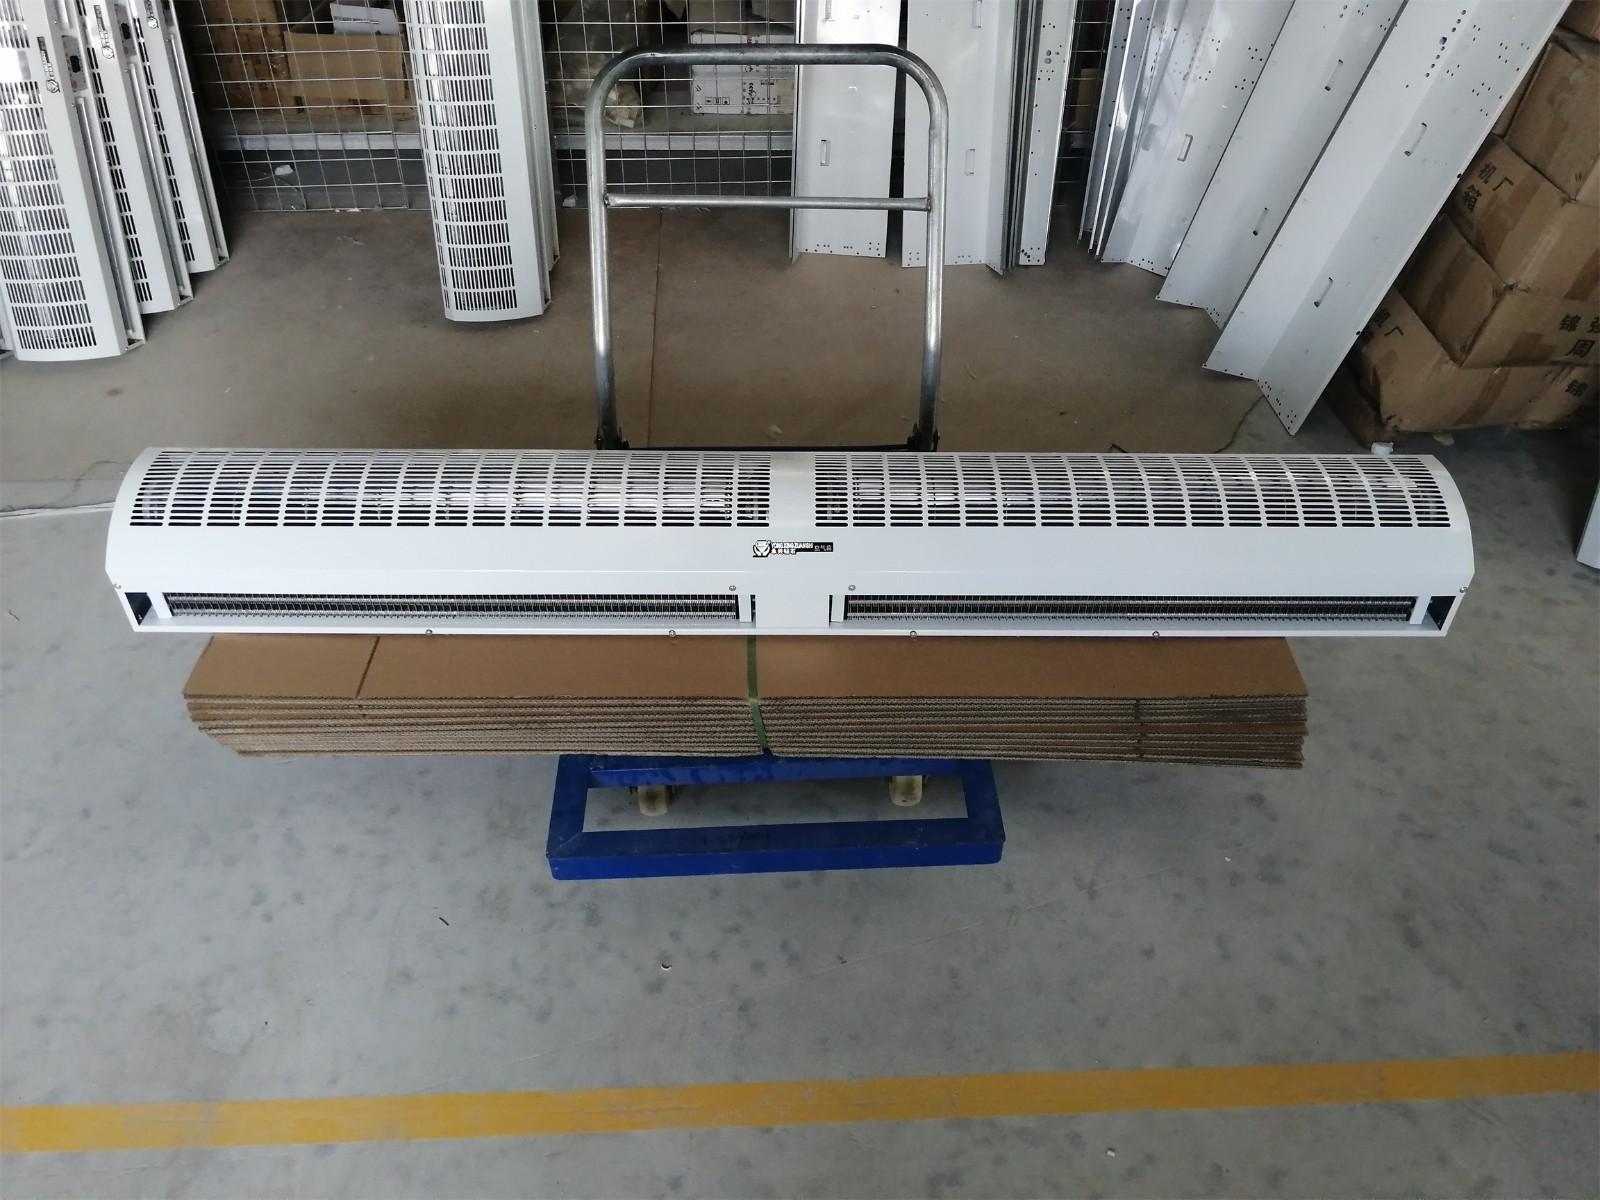 供应2.0米中风风幕机 风幕机 厂家直销风幕机 冷库风幕机 热风幕机 风幕机厂家 贯流式风幕机